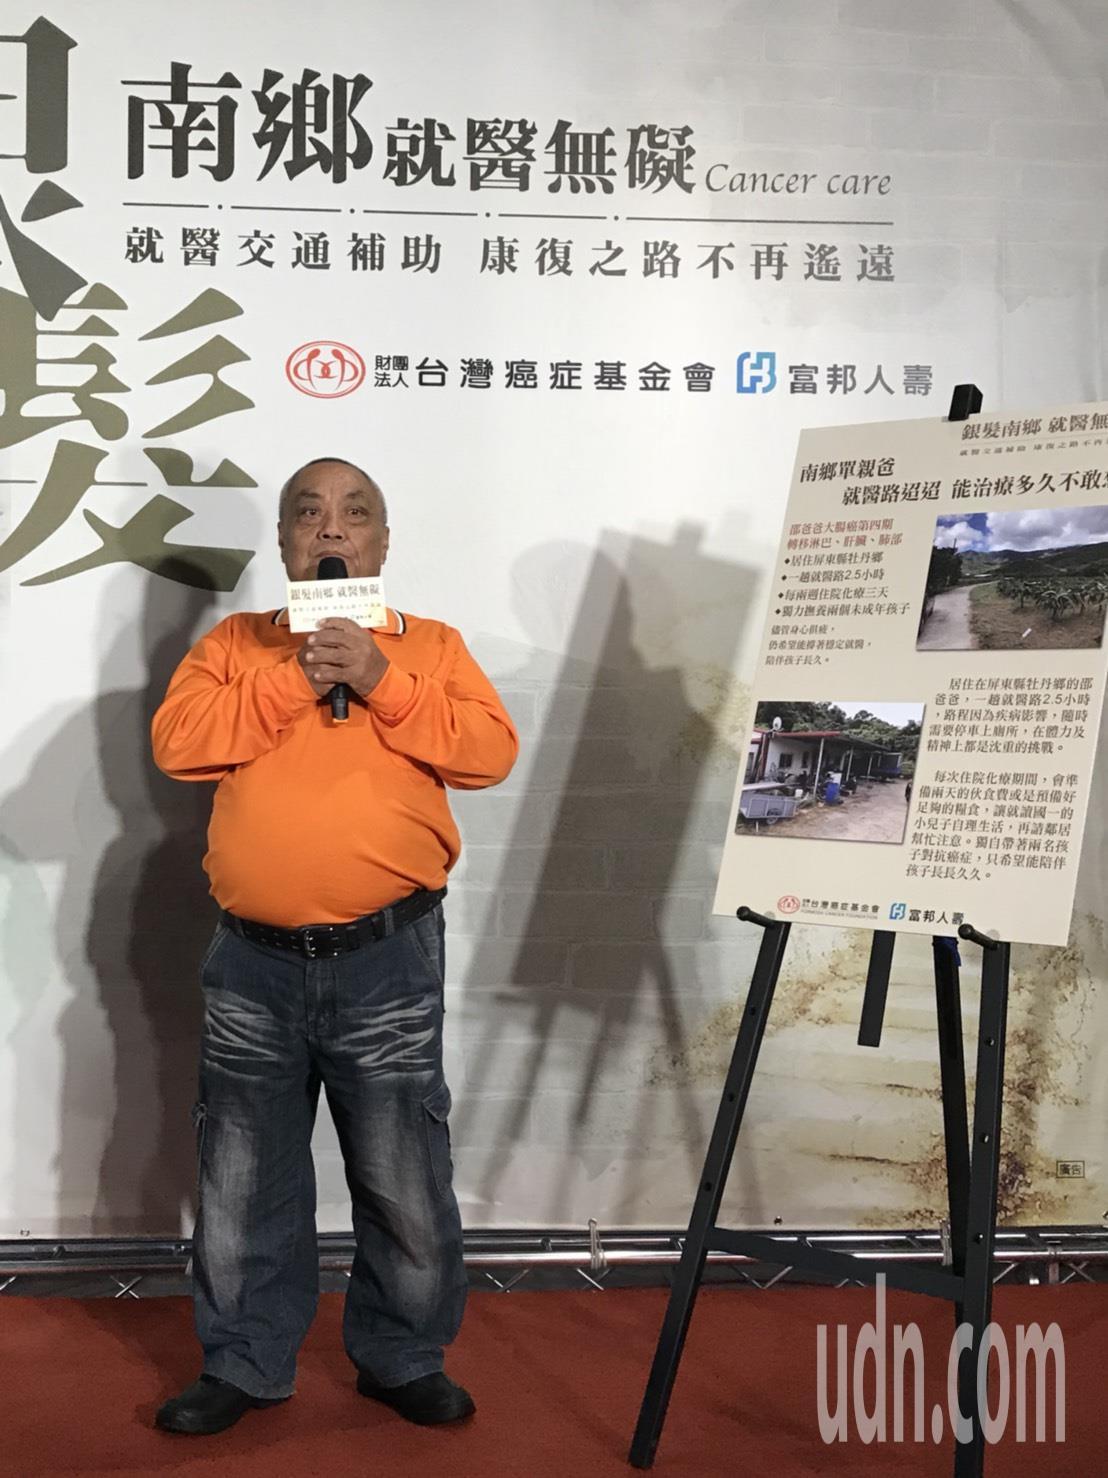 來自屏東縣牡丹鄉的排灣族邵真平,兩年前就醫時發現罹患大腸癌三期,在衛生所護理師的...